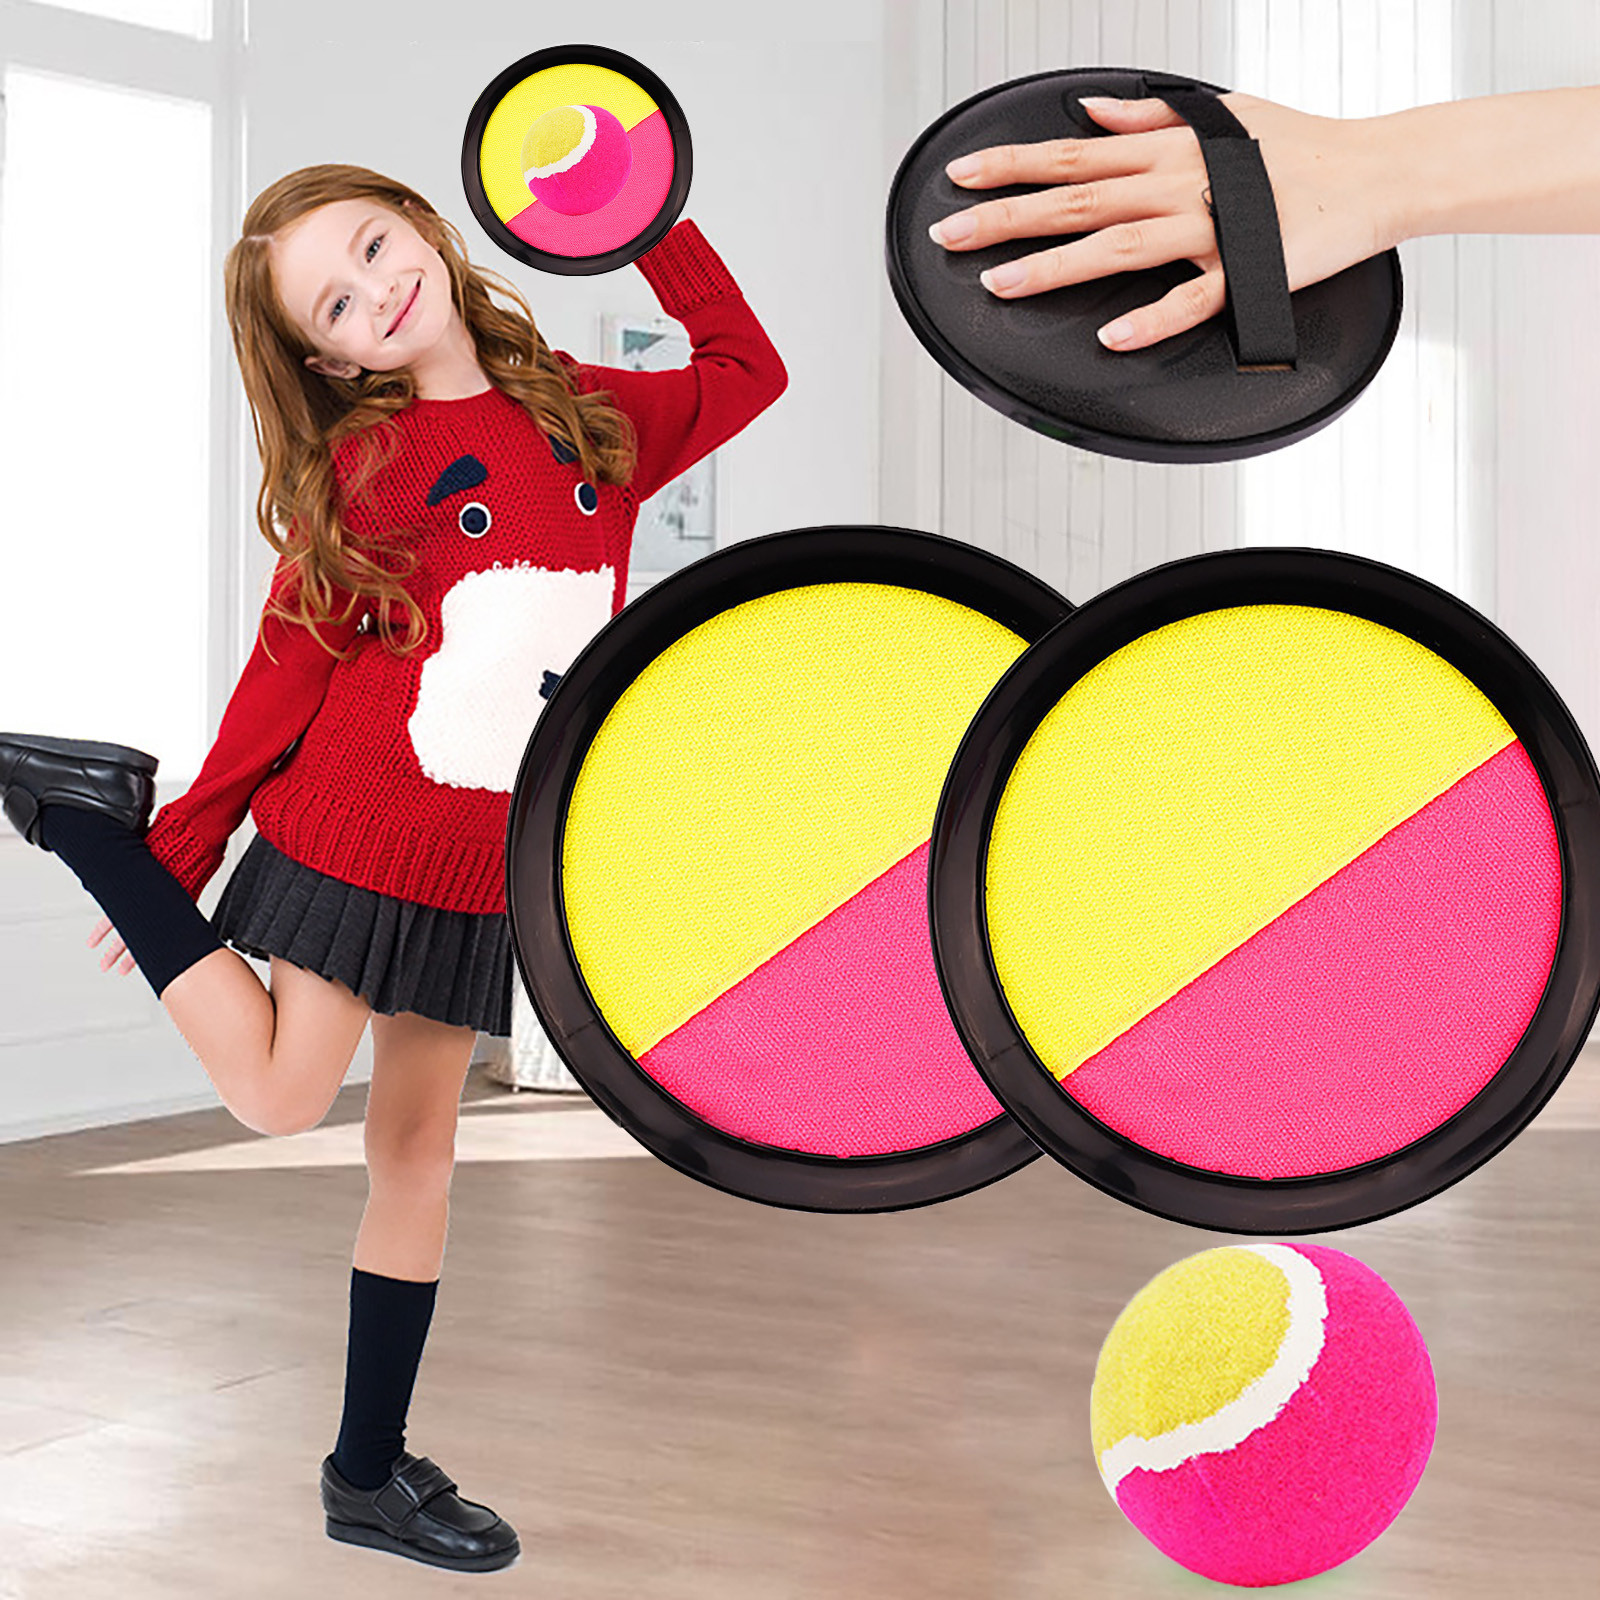 Jogar e pegar bola conjunto para crianças-paddle pegar bola jogos ao ar livre jogar e pegar pai-criança interativo brinquedos ao ar livre gyh